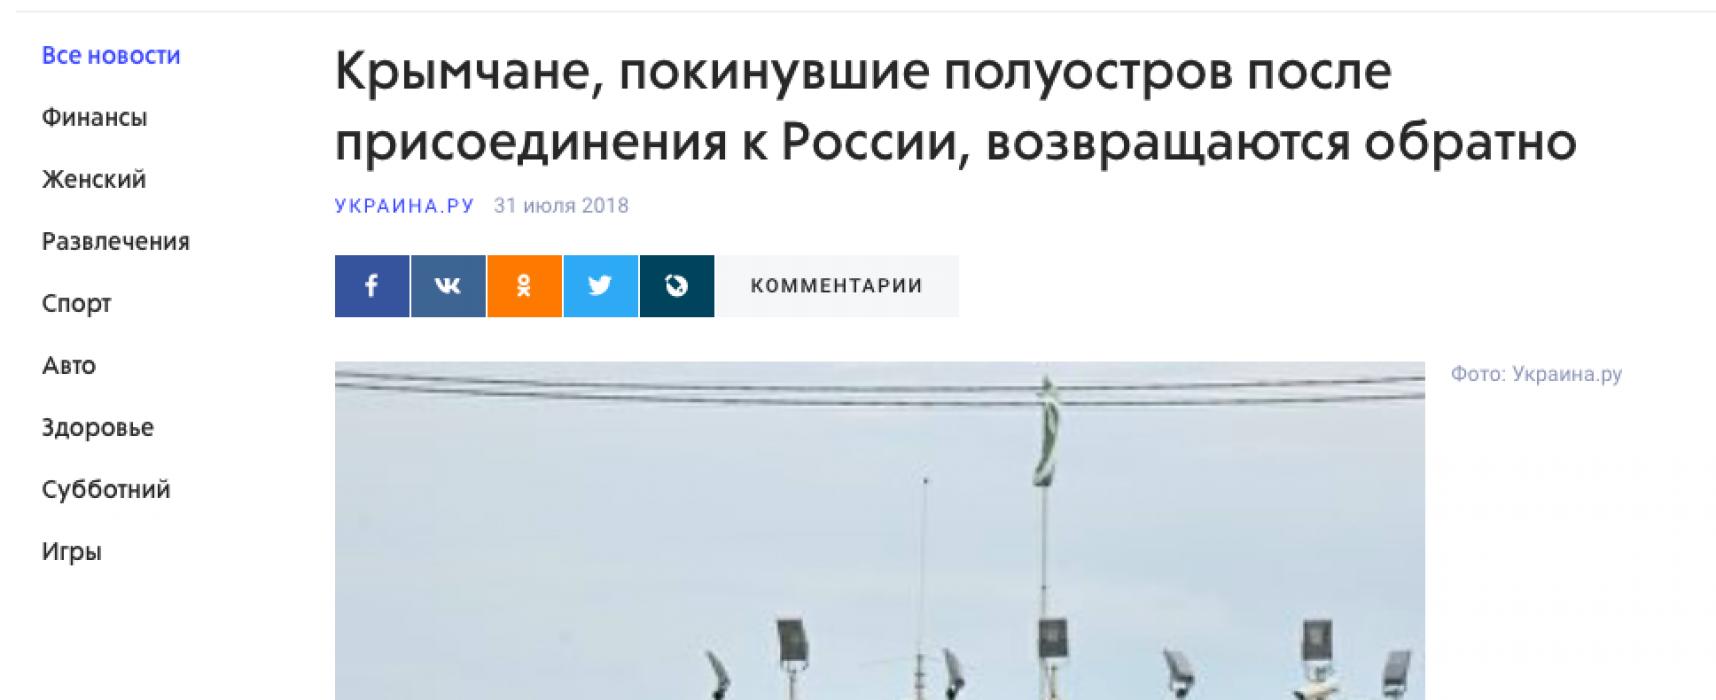 Fake: Mieszkańcy Krymu, którzy wyemigrowali po aneksji, wracają na półwysep